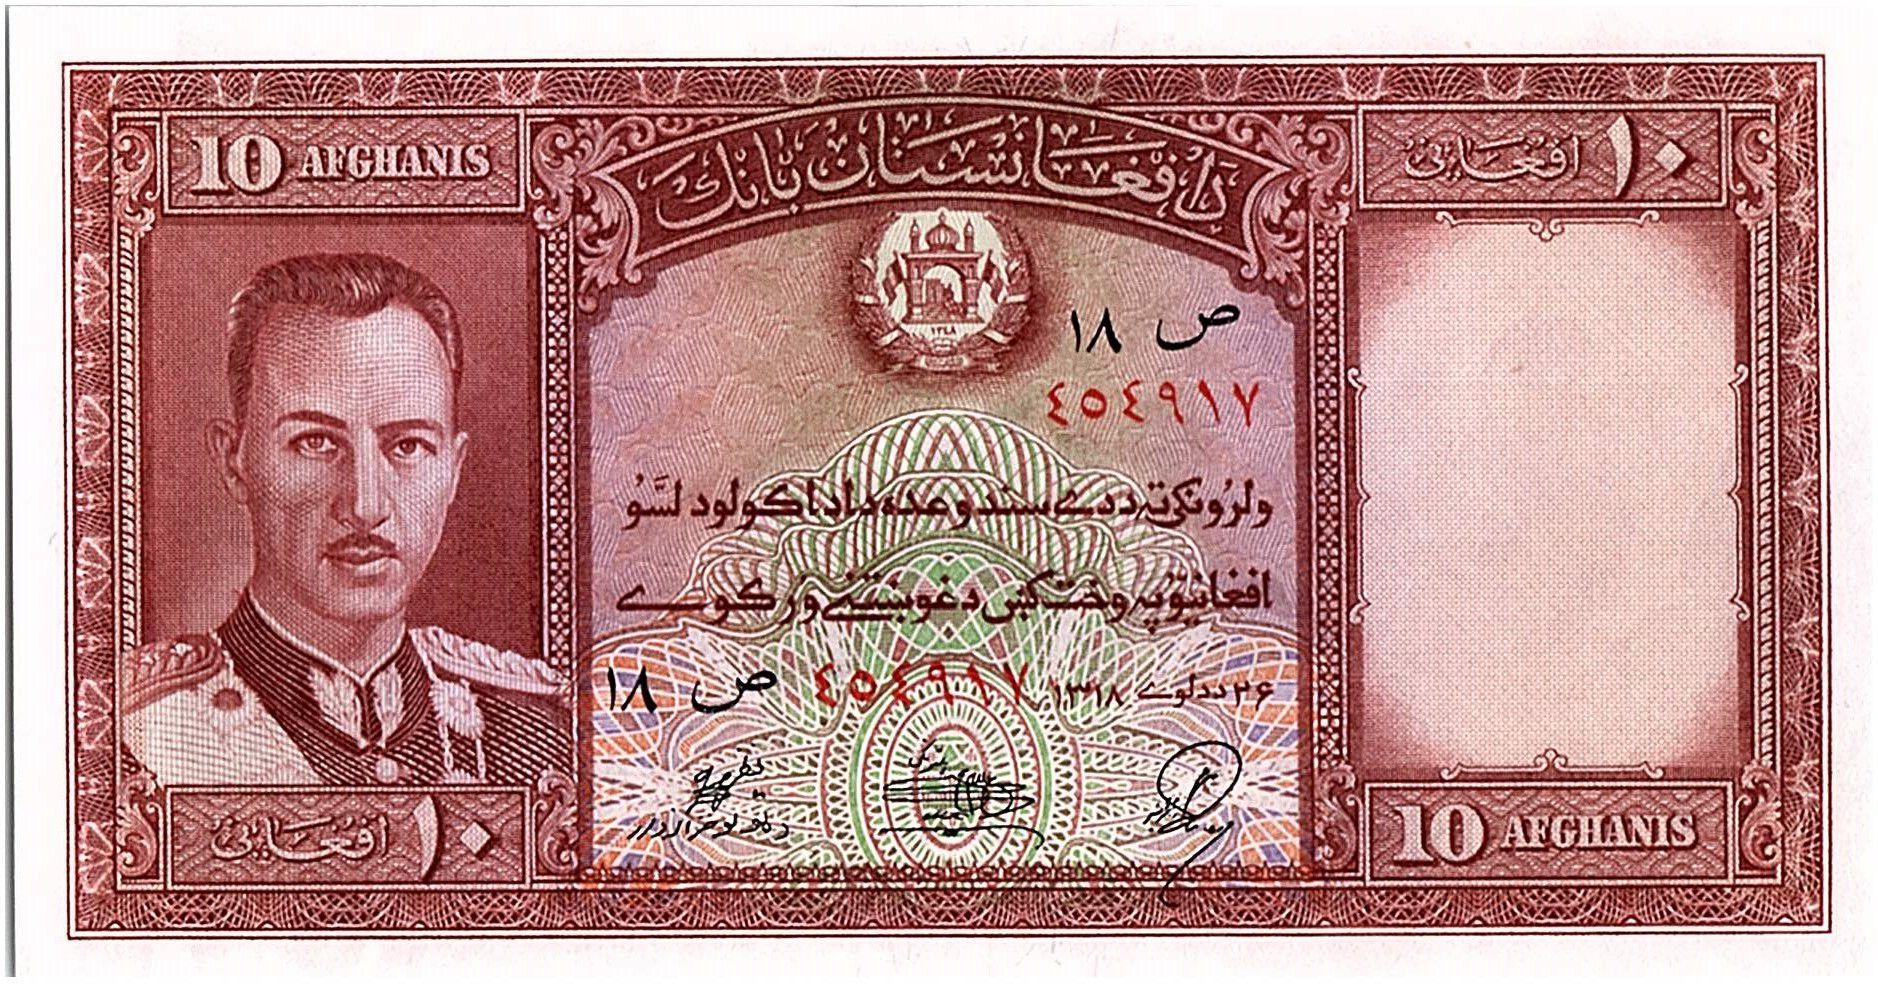 Afghanistan 10 Afghanis Roi Muhammad Zahir - Palais - 1939